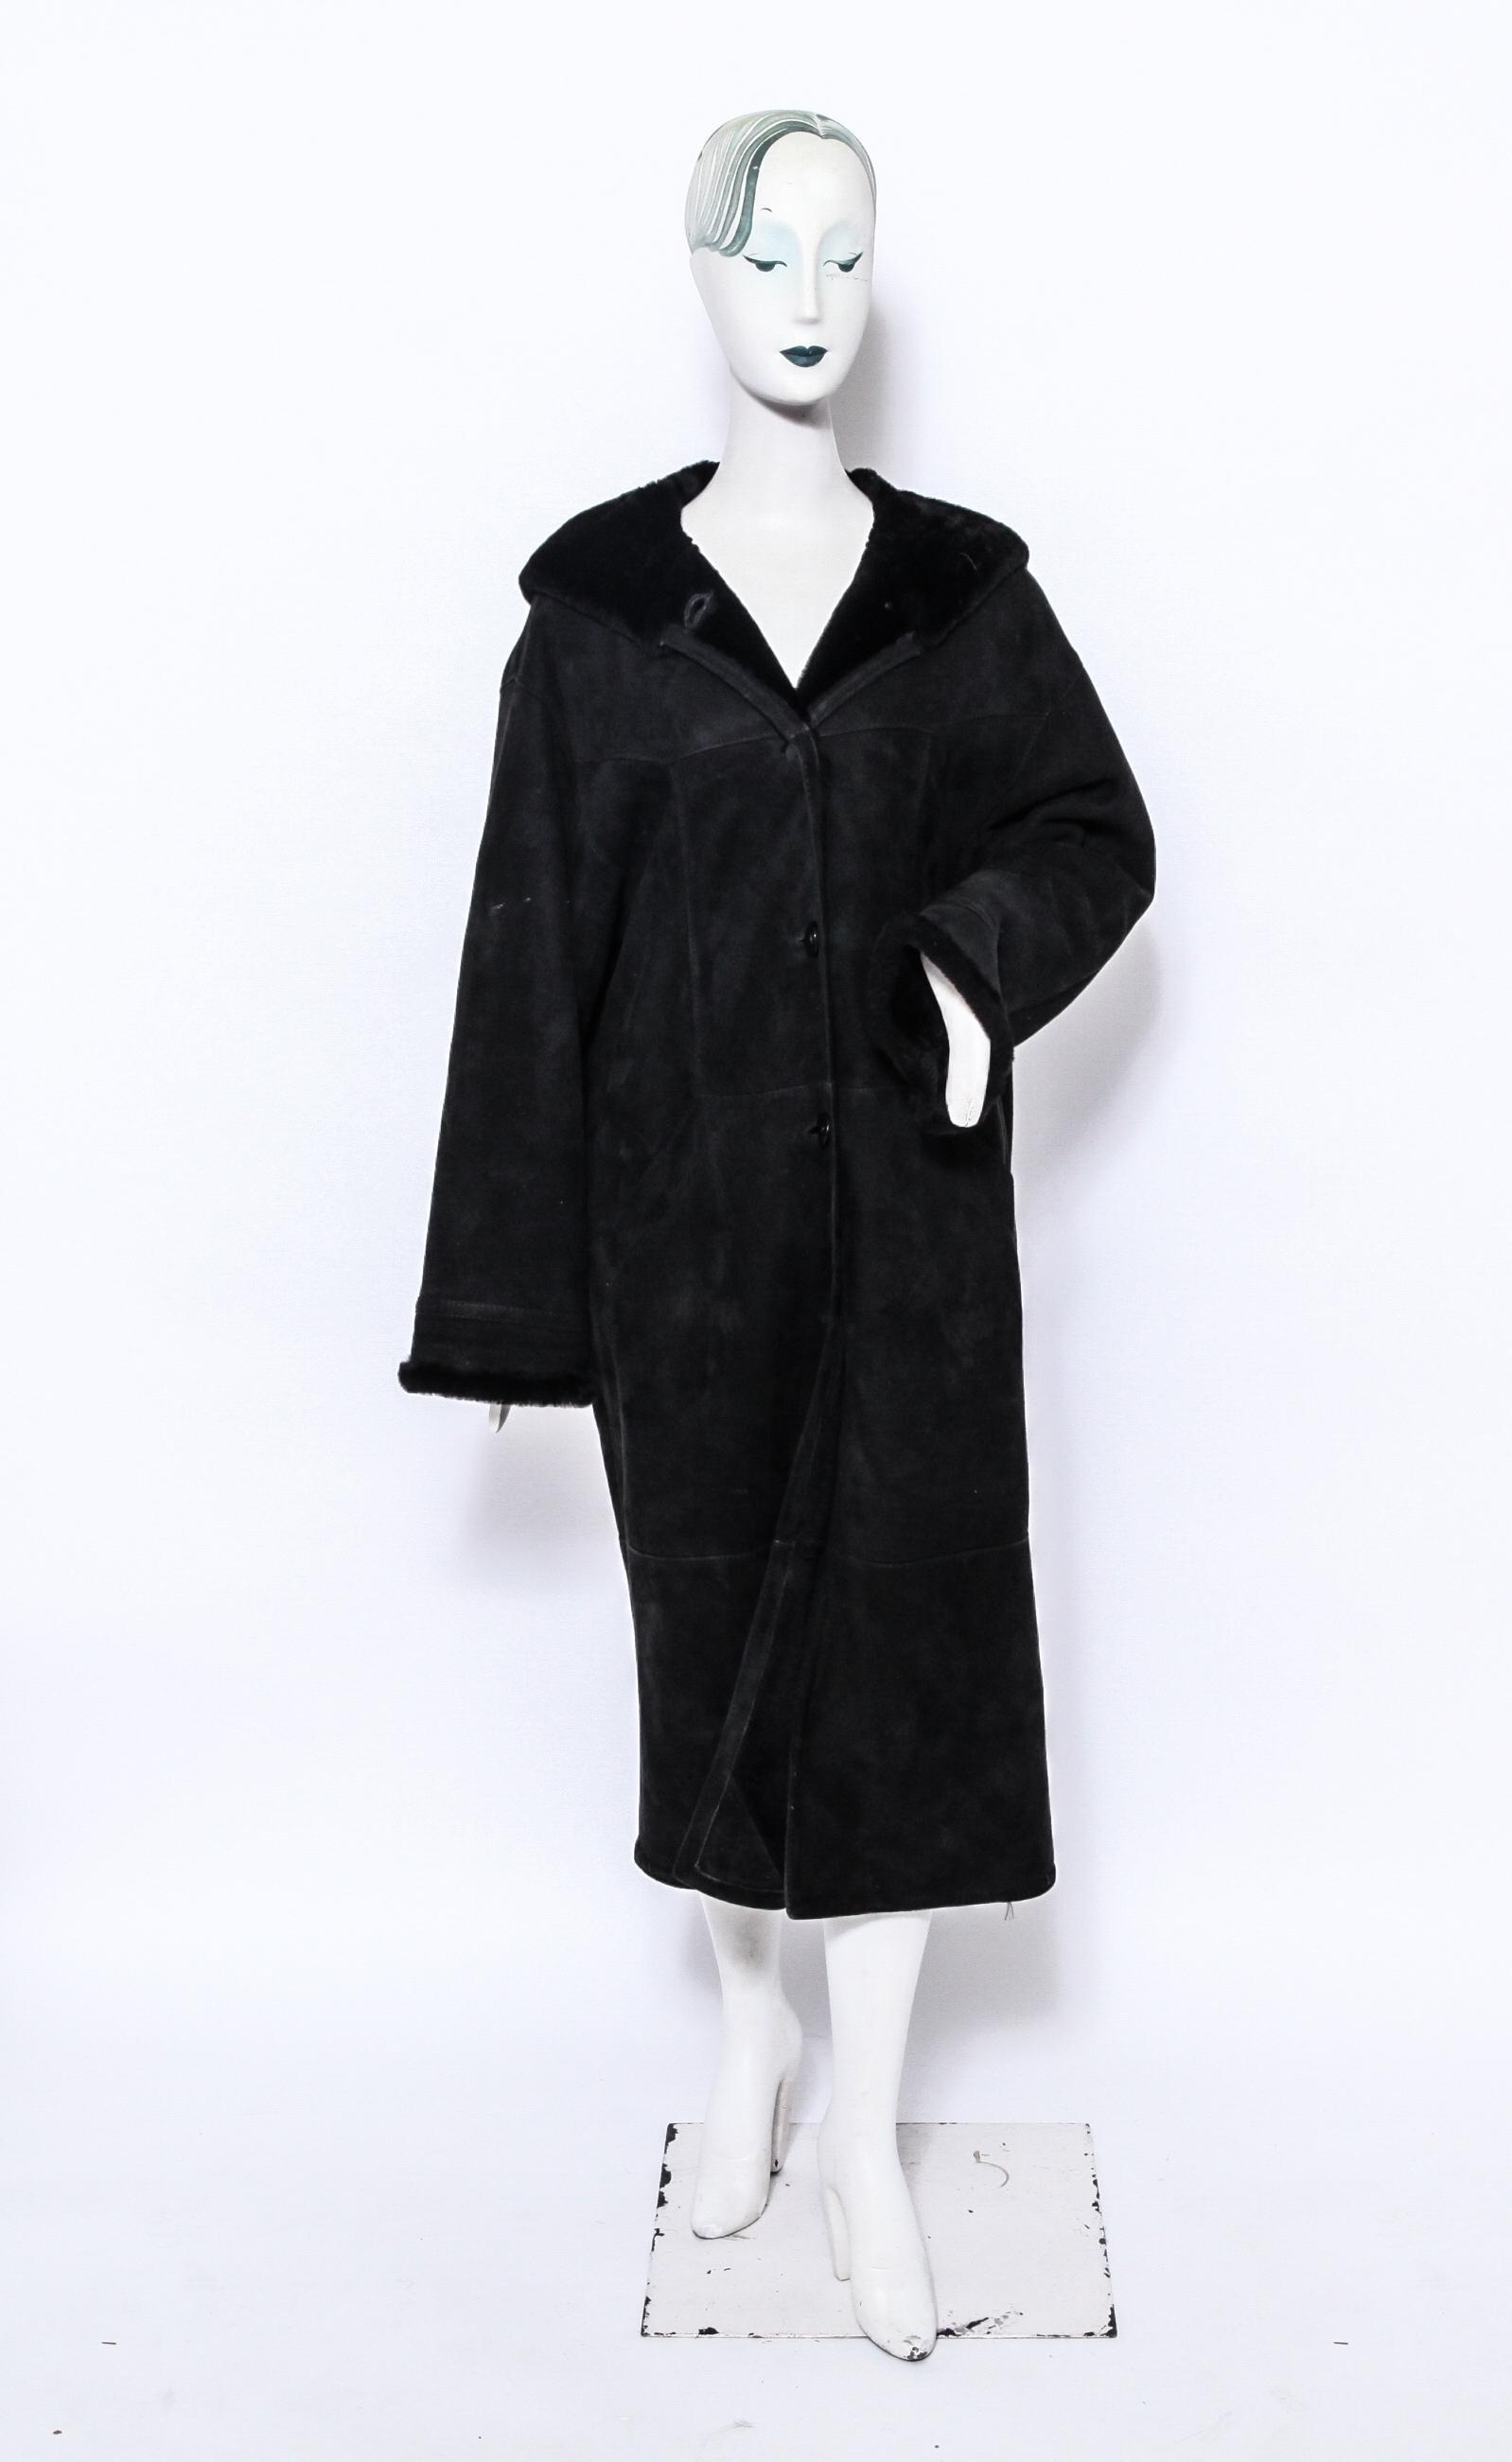 Searle Ladies' Suede & Shearling Coat